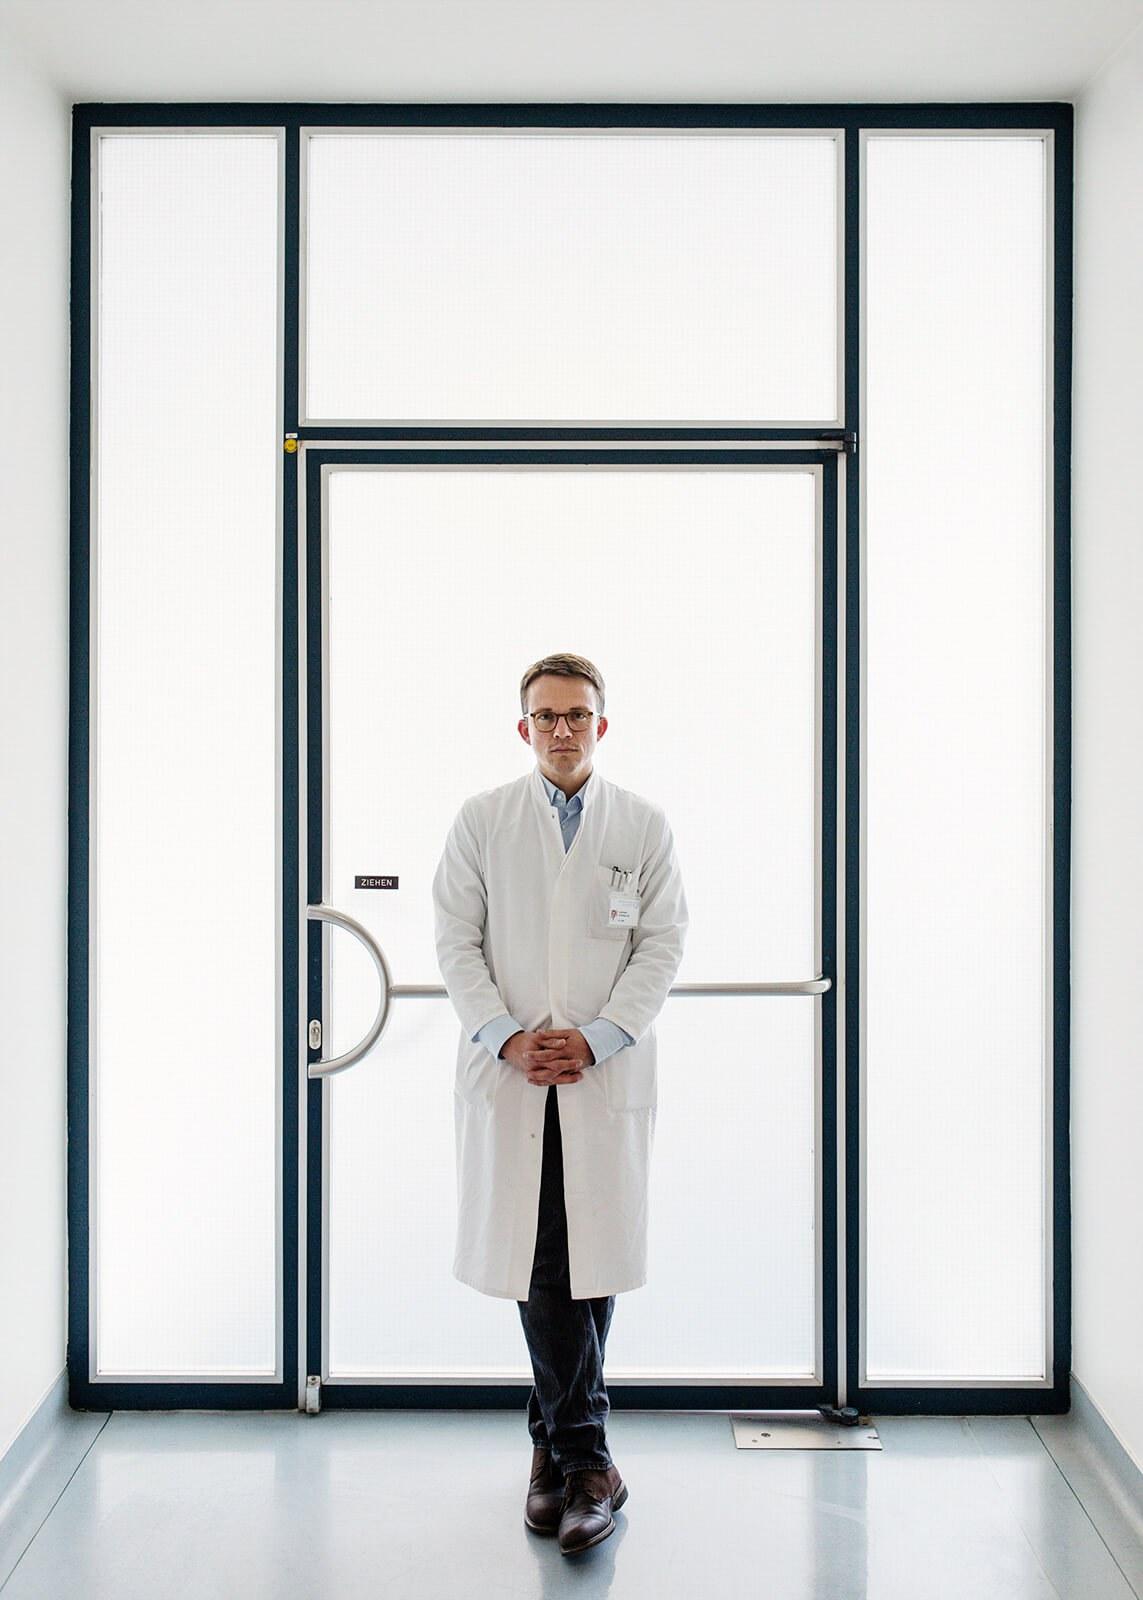 Medizin Portrait 01 Leonhard Schilbach